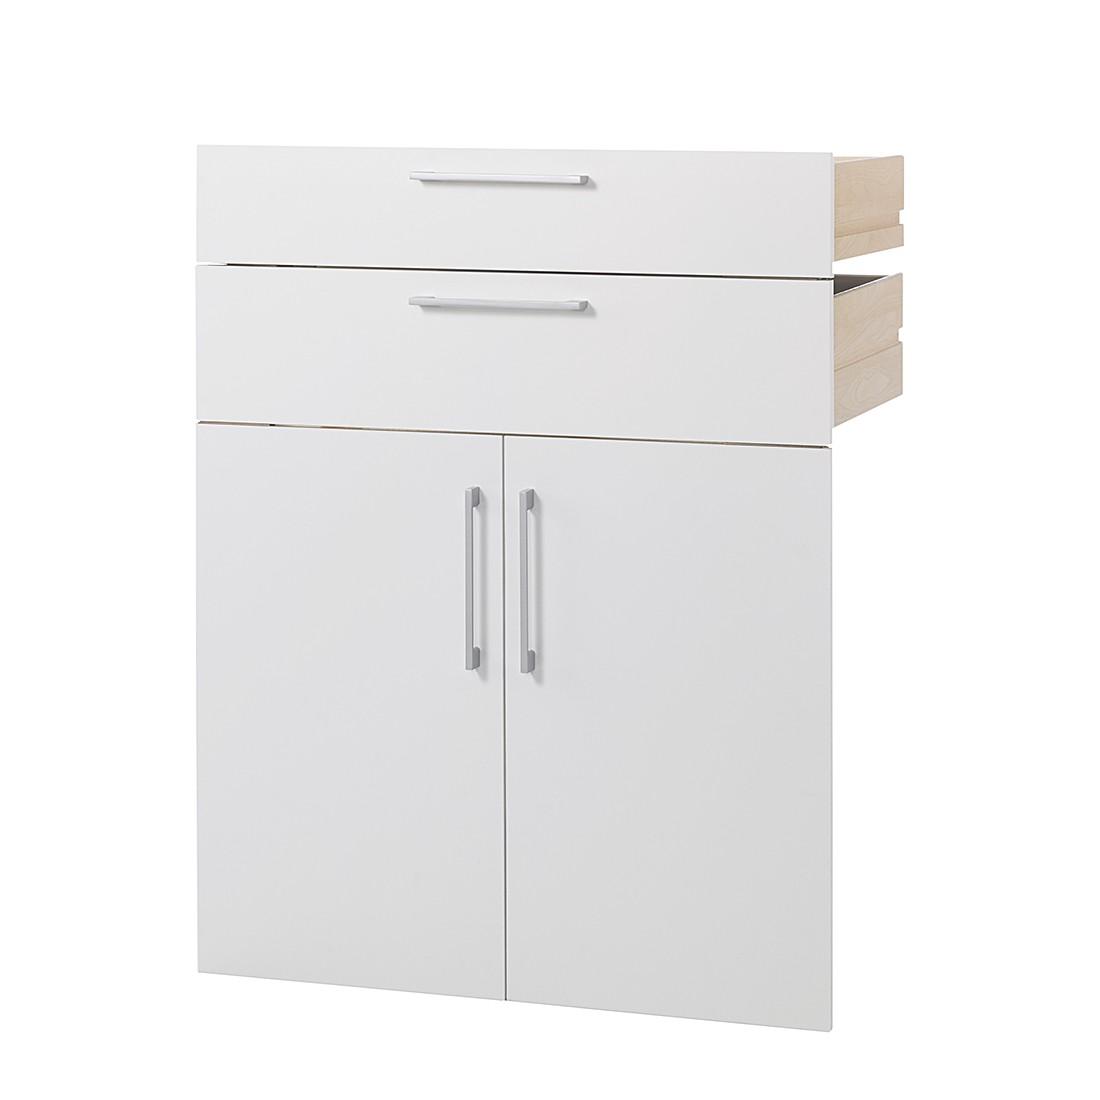 Schubladen-Türen-Set Quincy - Regalzubehör - Weiß